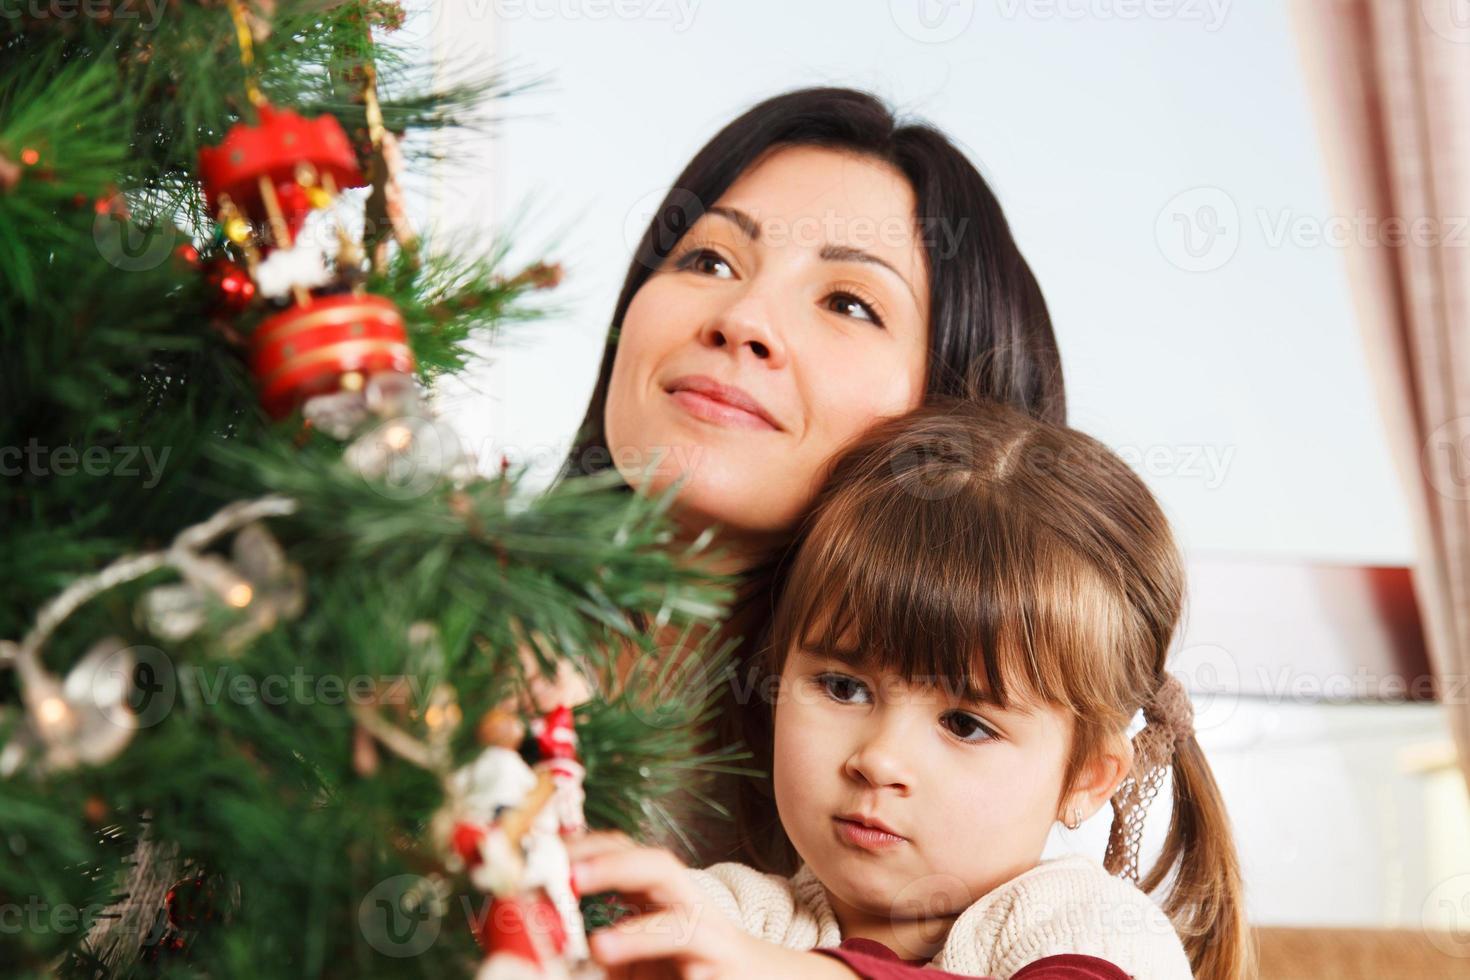 deseando navidad - imagen de stock foto